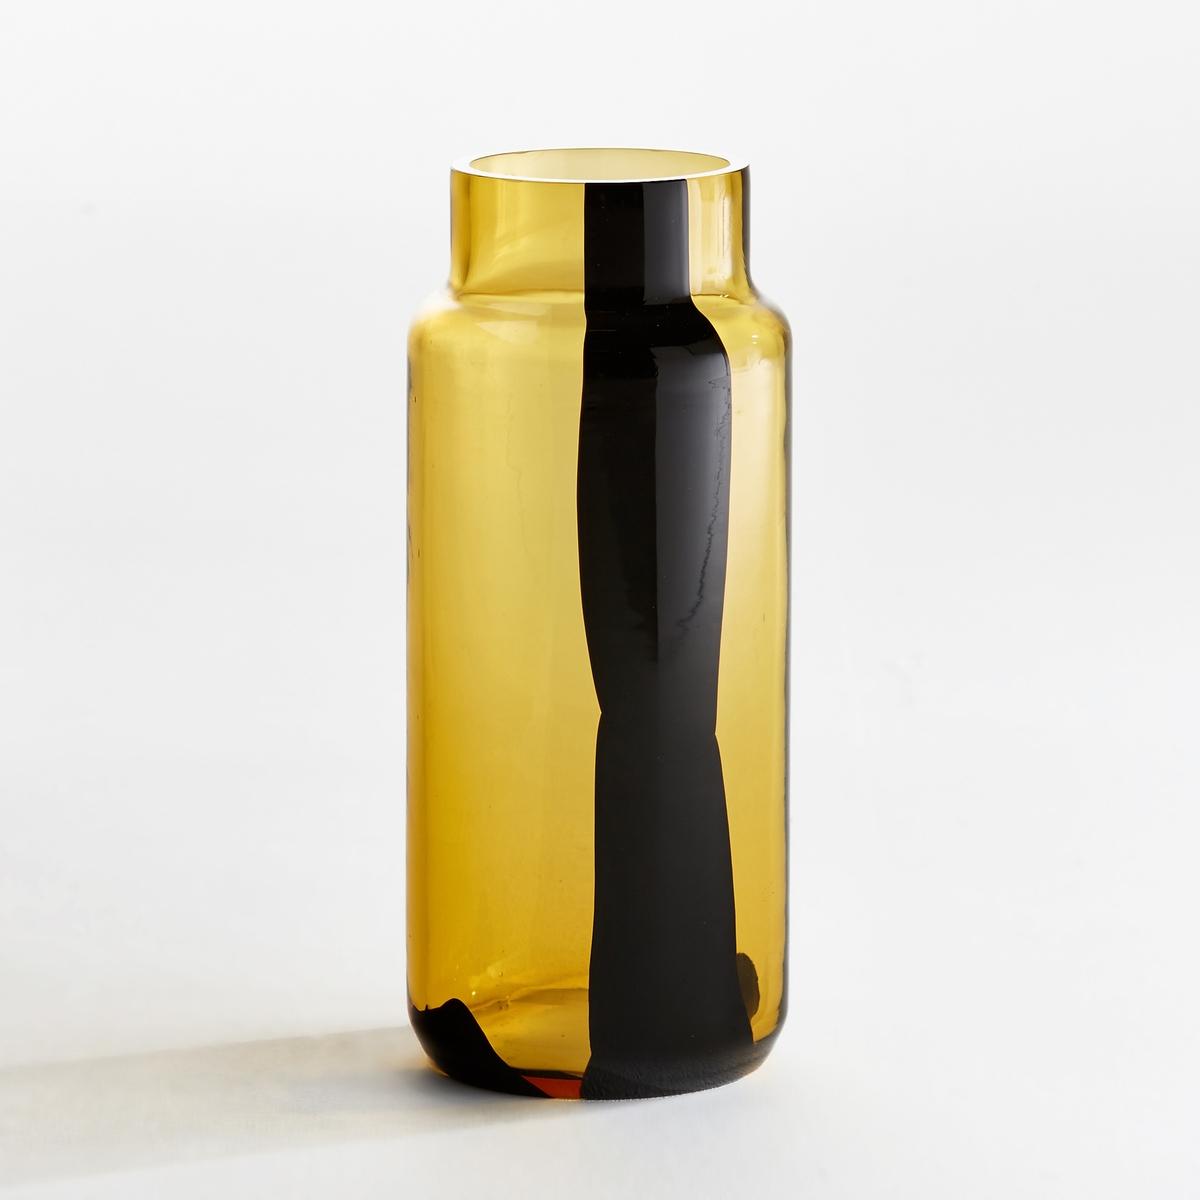 Ваза в форме бутыли, OdomarВаза Odomar. Очень красивый эффект капель краски, растворяющихся в бирюзовой воде... Из стекла. Размеры. : Диаметр 13,5 x высота 34,5 см.<br><br>Цвет: янтарь